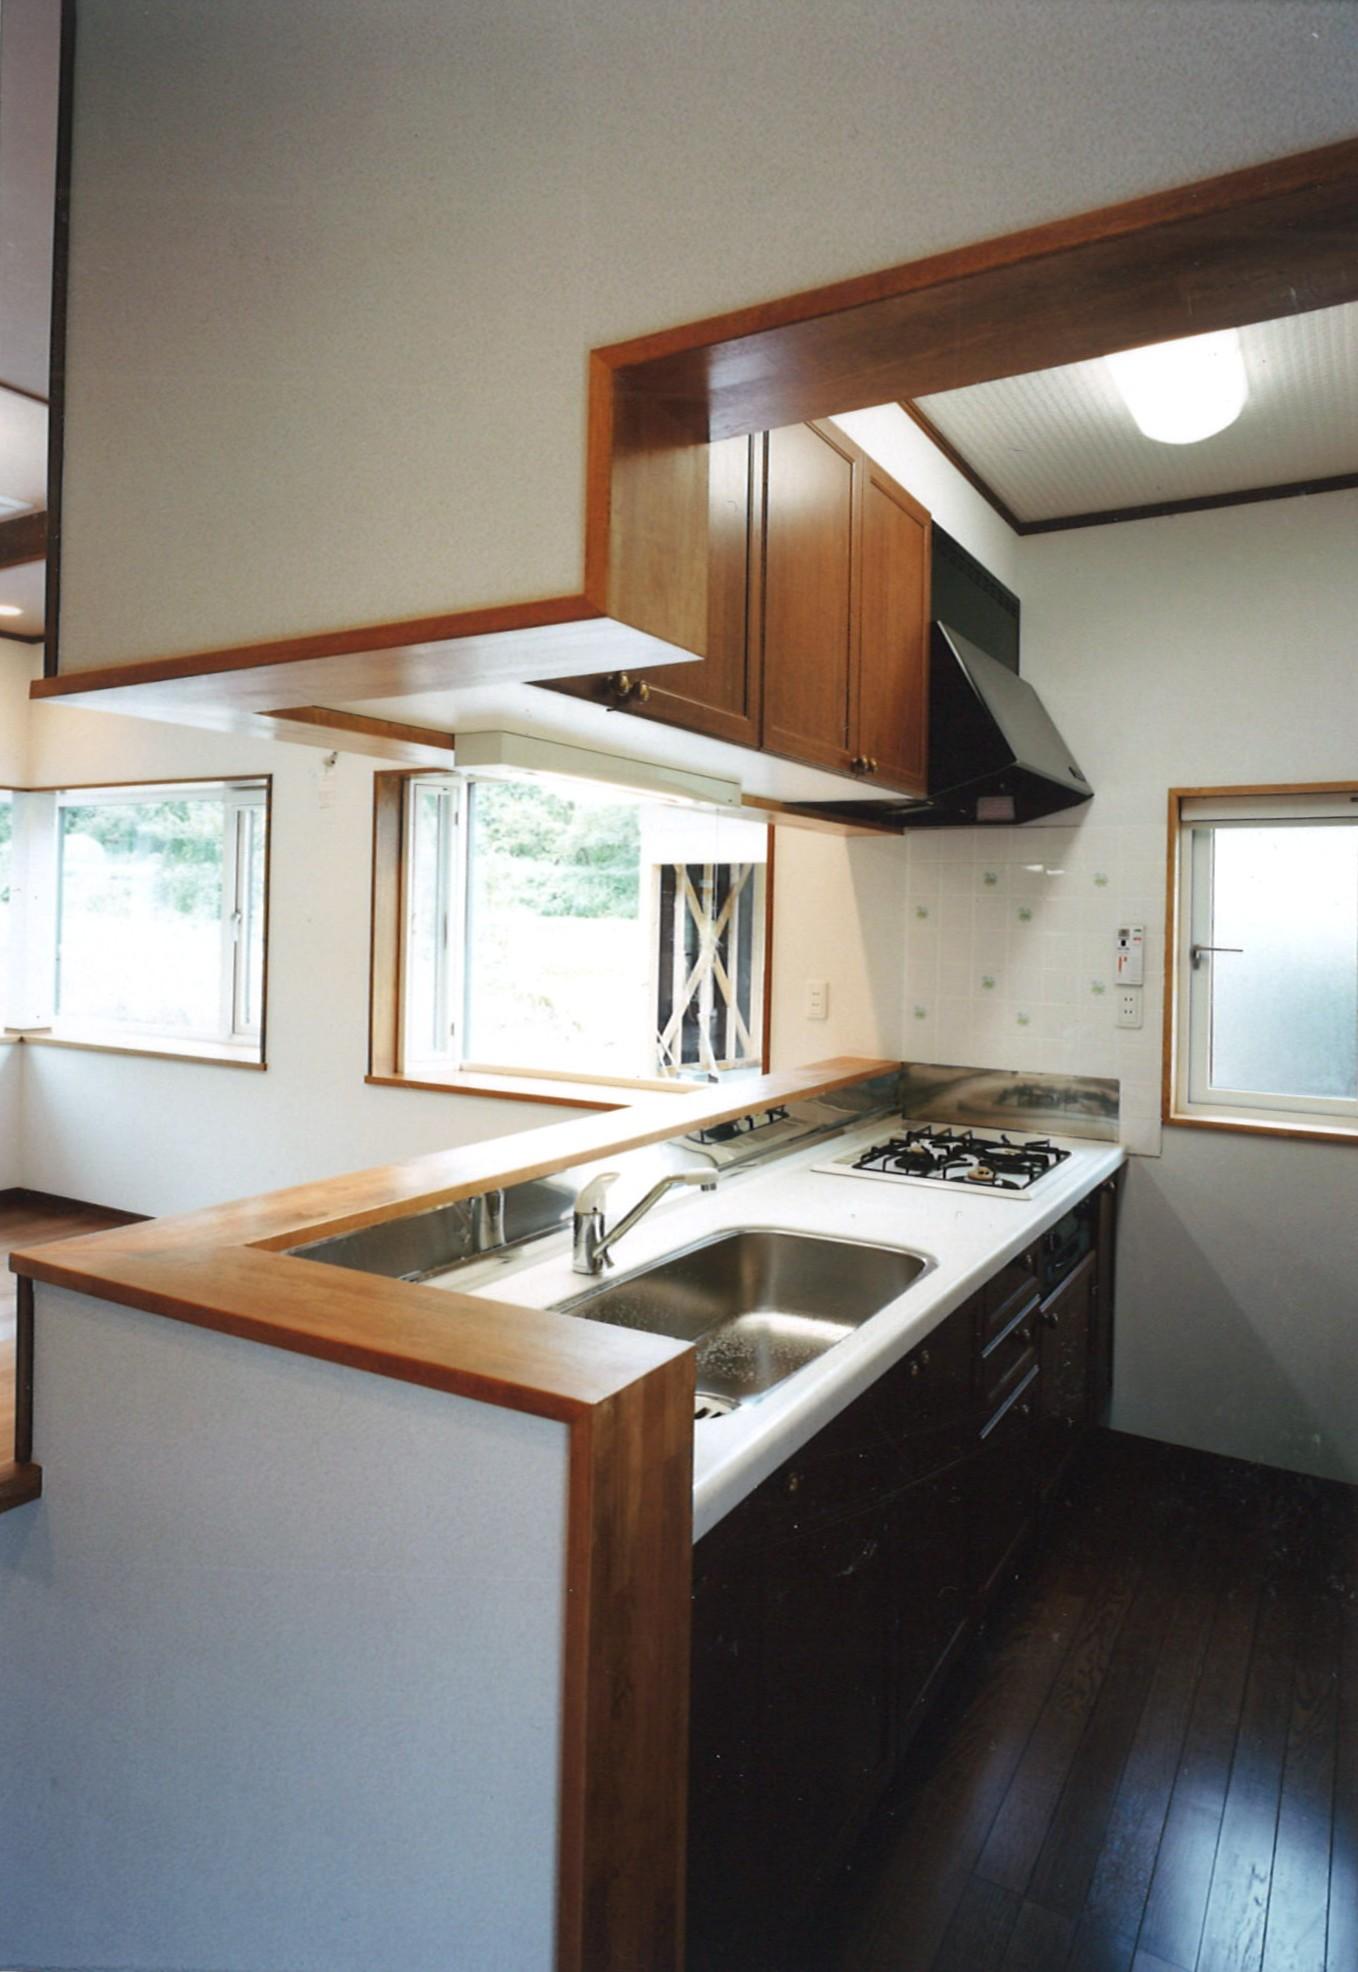 【大東の住宅】キッチン2.jpg